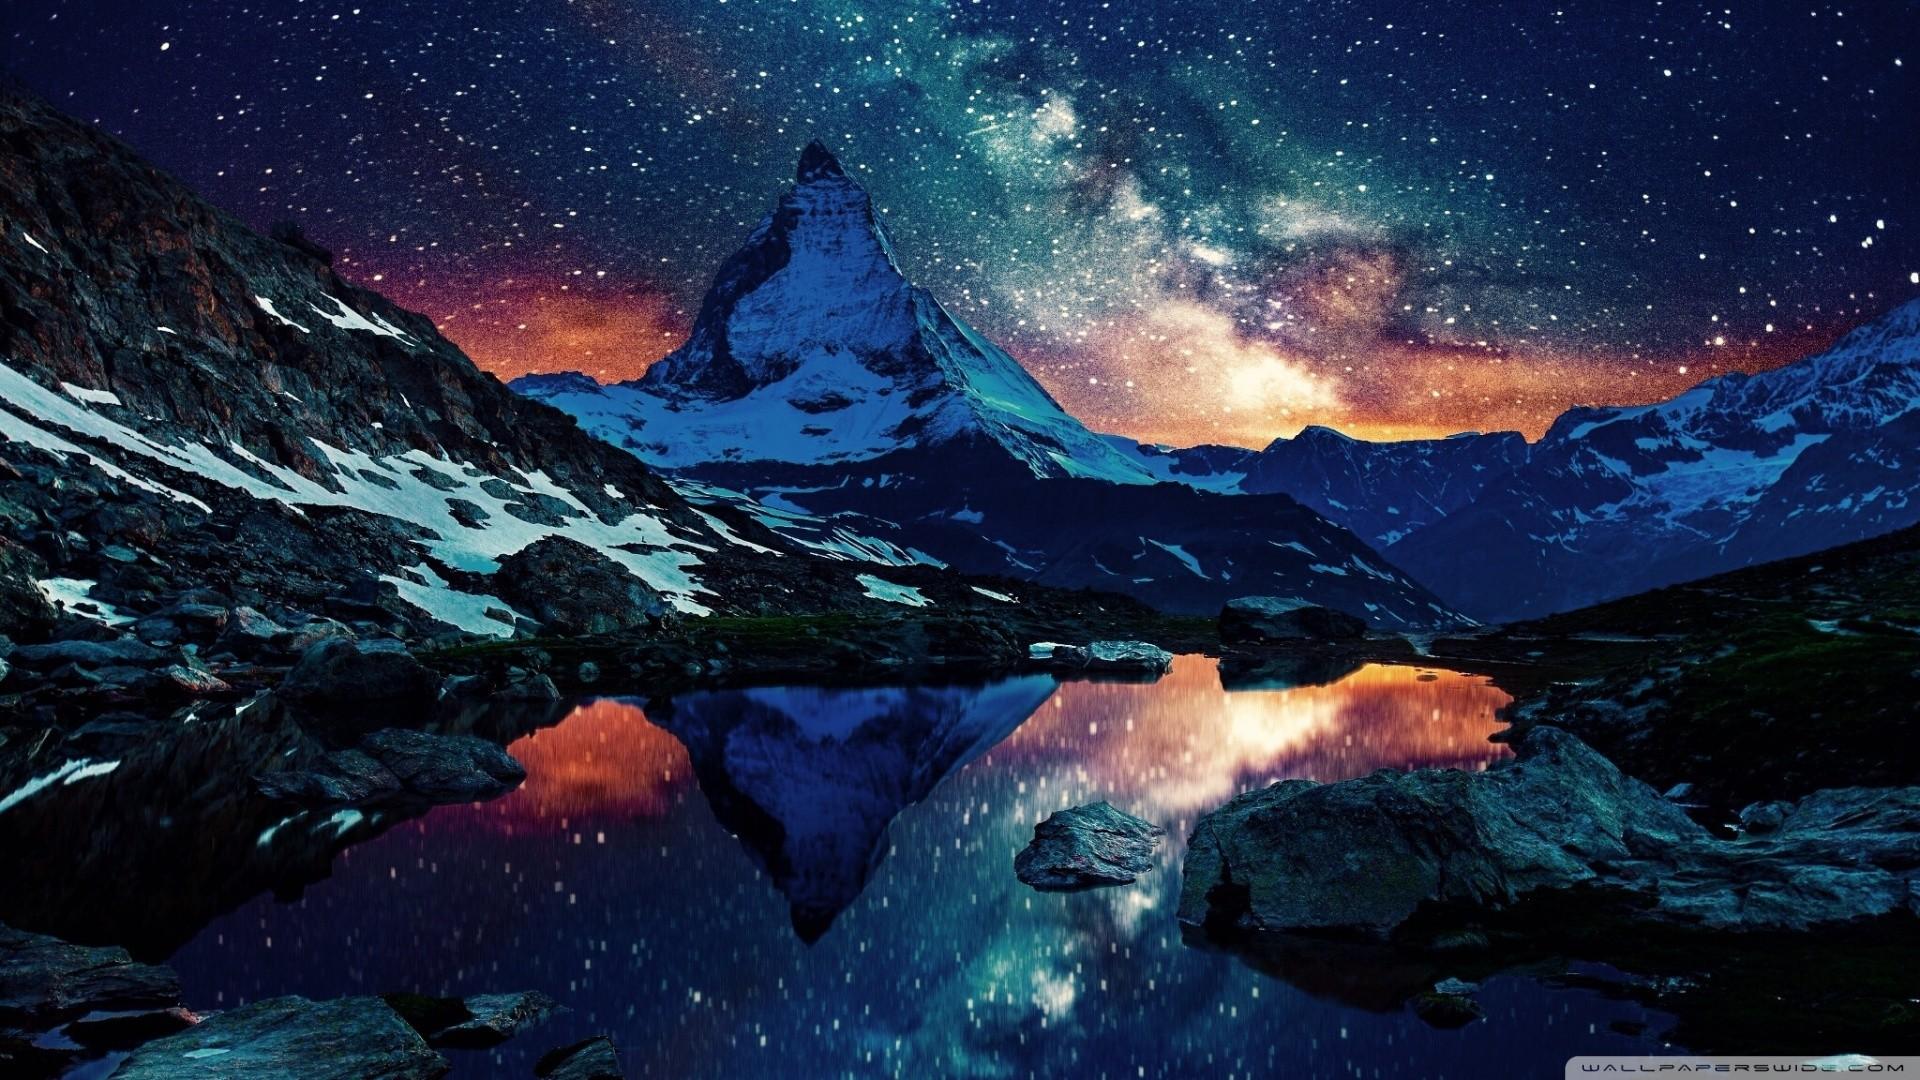 Matterhorn HD Wallpaper (64+ images)